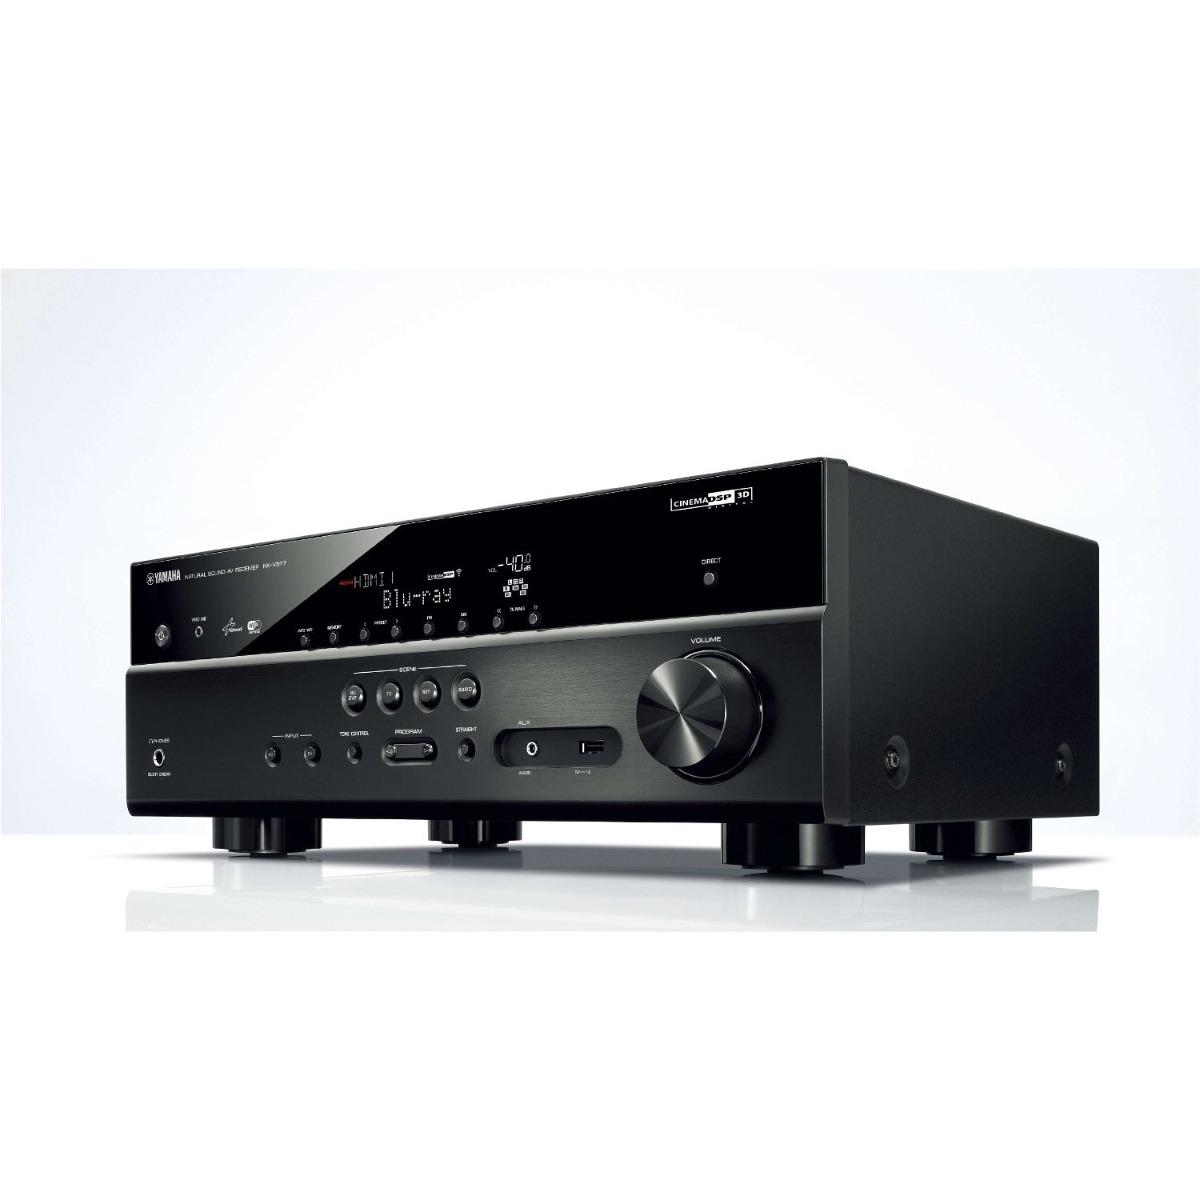 yamaha rx v577 7 2 channel wi fi network av receiver. Black Bedroom Furniture Sets. Home Design Ideas